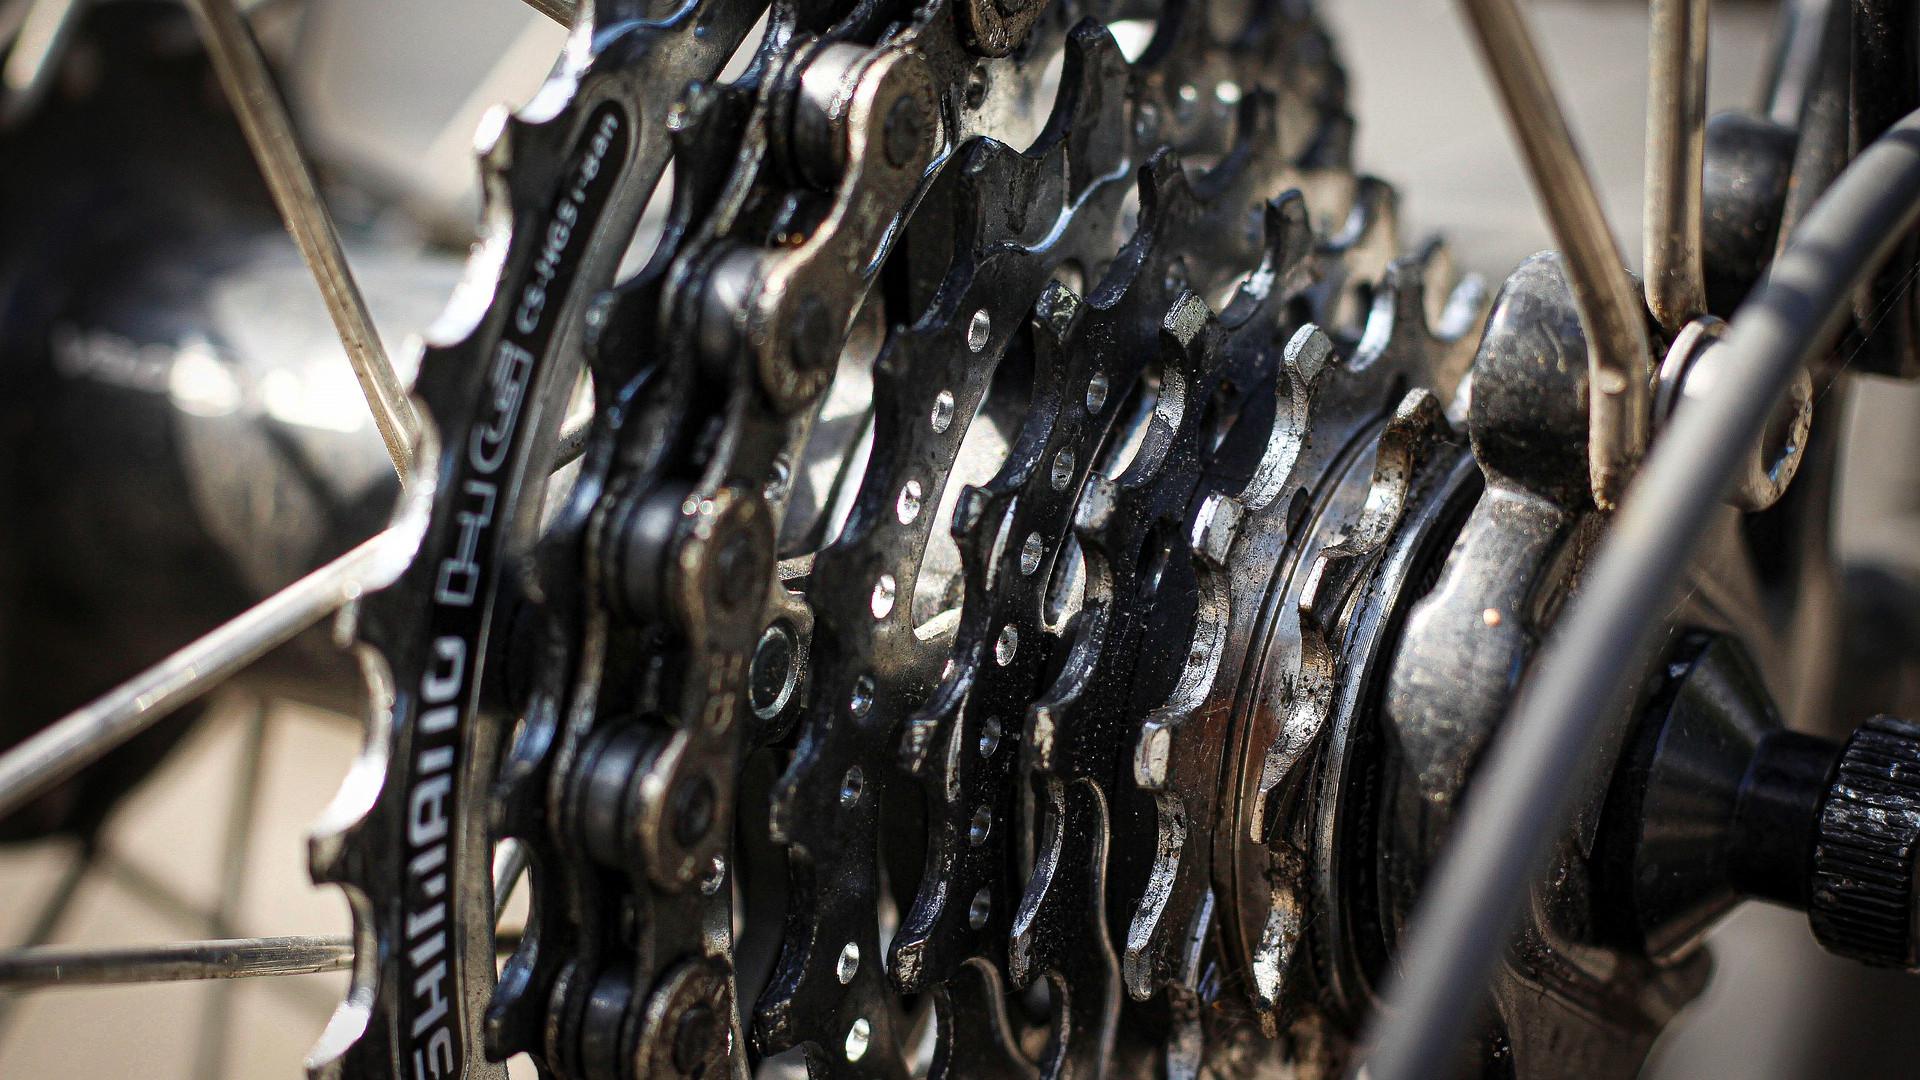 bike-4325270_1920.jpg